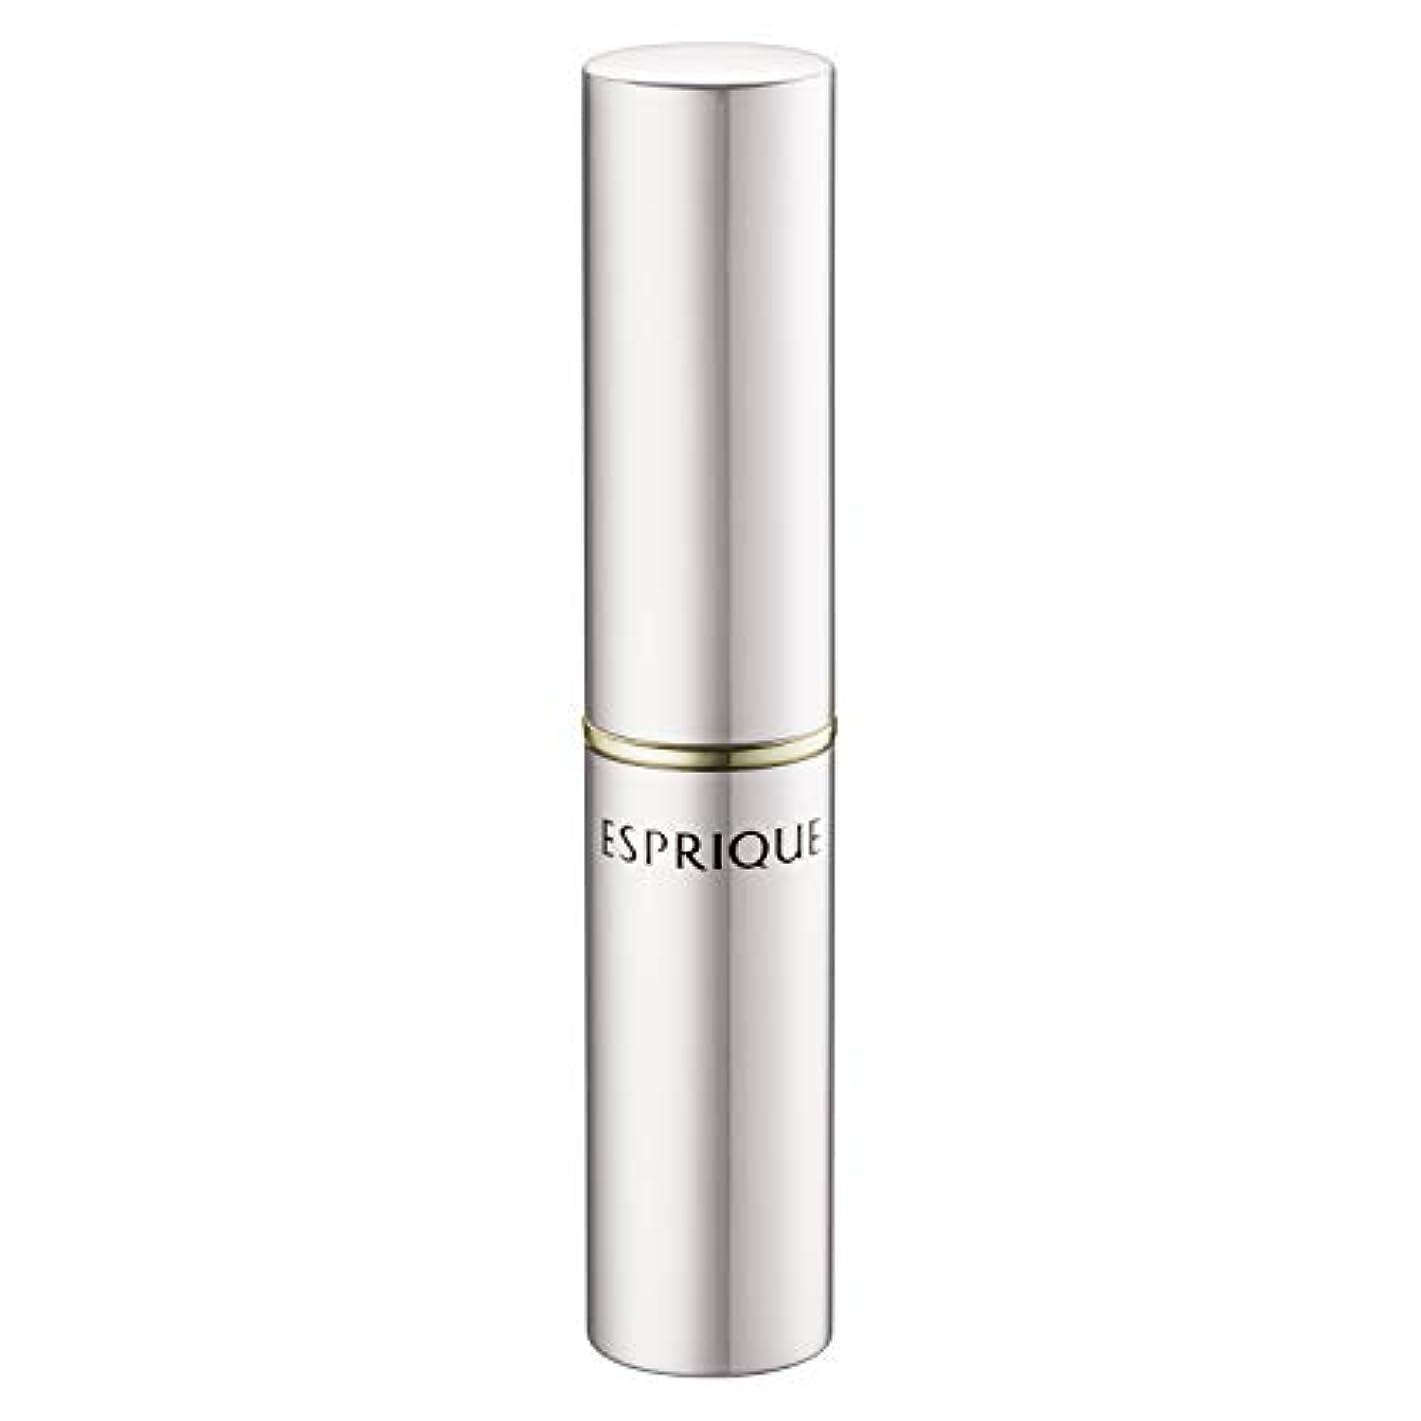 ラフボンドルーエスプリーク フィットアップ コンシーラー UV 02 ナチュラル 2.8g